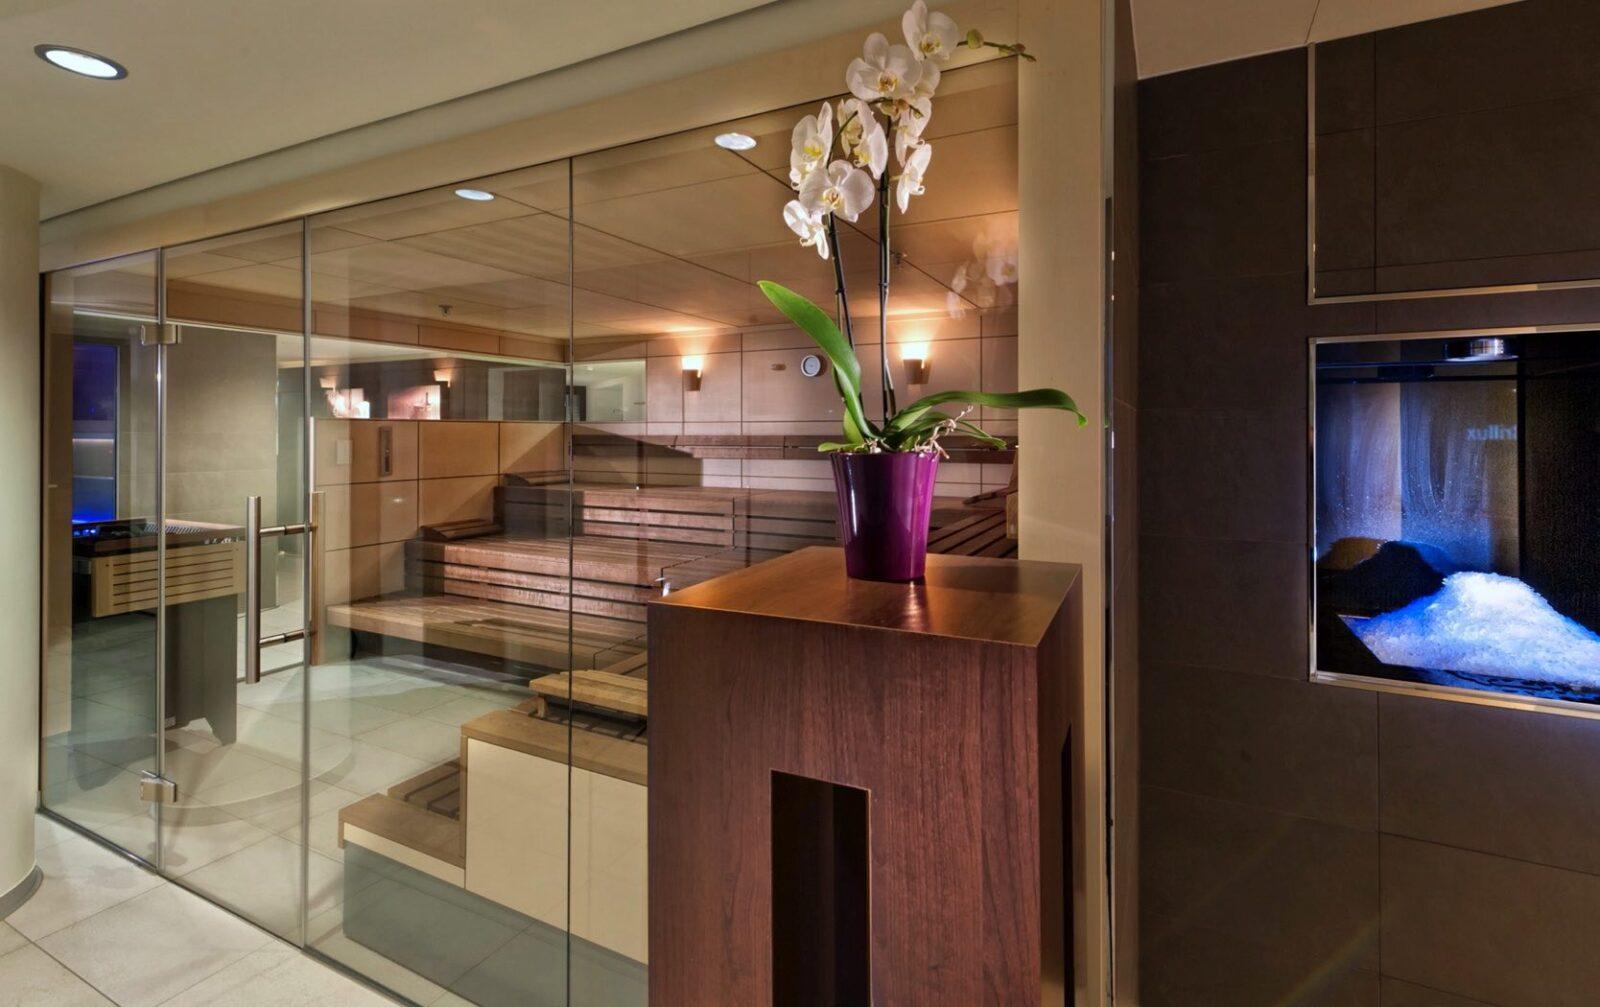 estrel-hotel-wellness-finnische-sauna-luxury spa hotels in Berlin